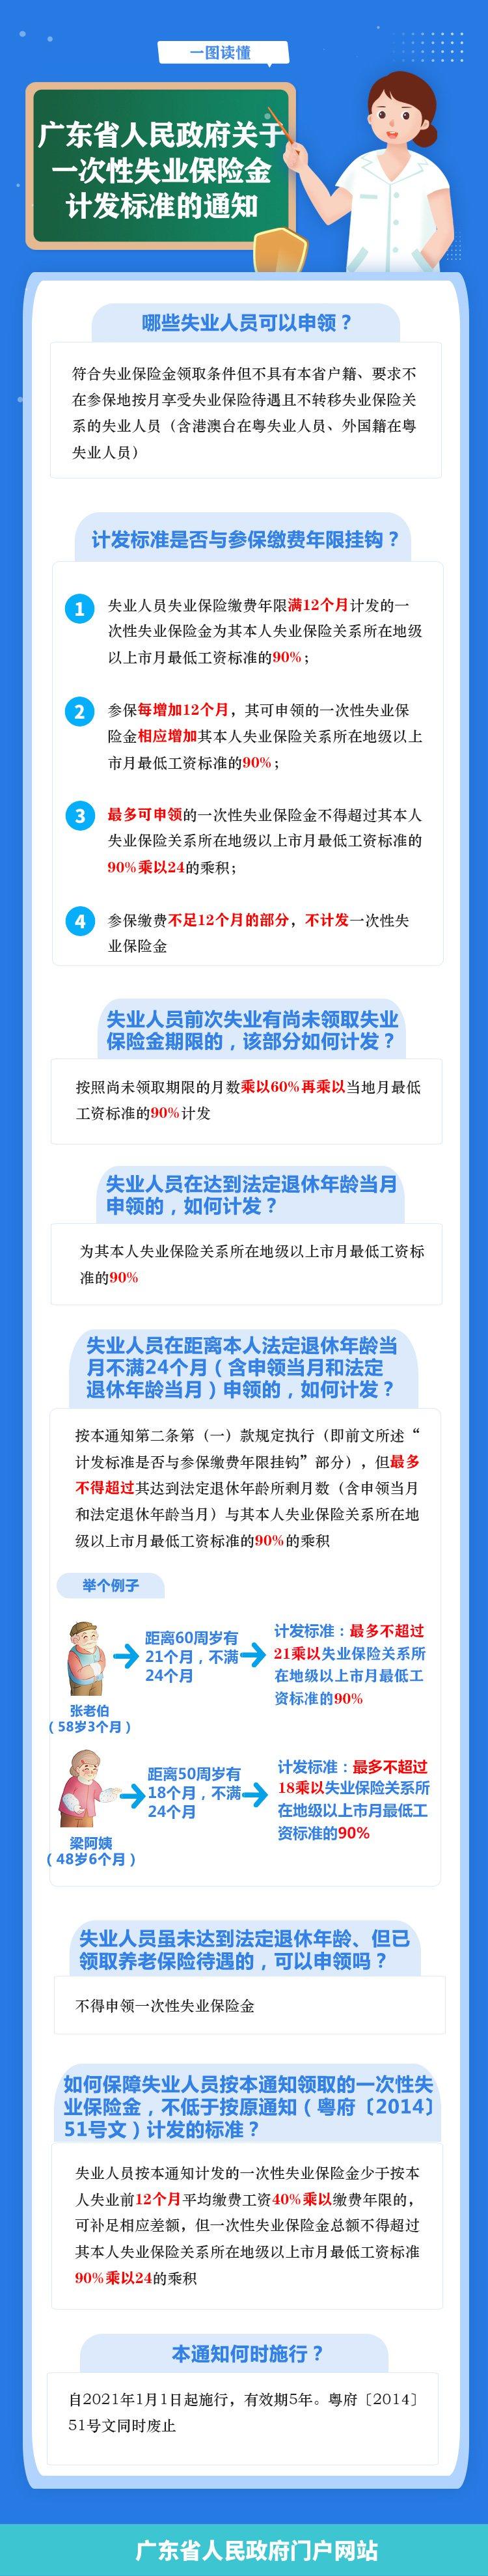 广东省关于一次性失业保险金计发标准的通知(全文+解读)插图